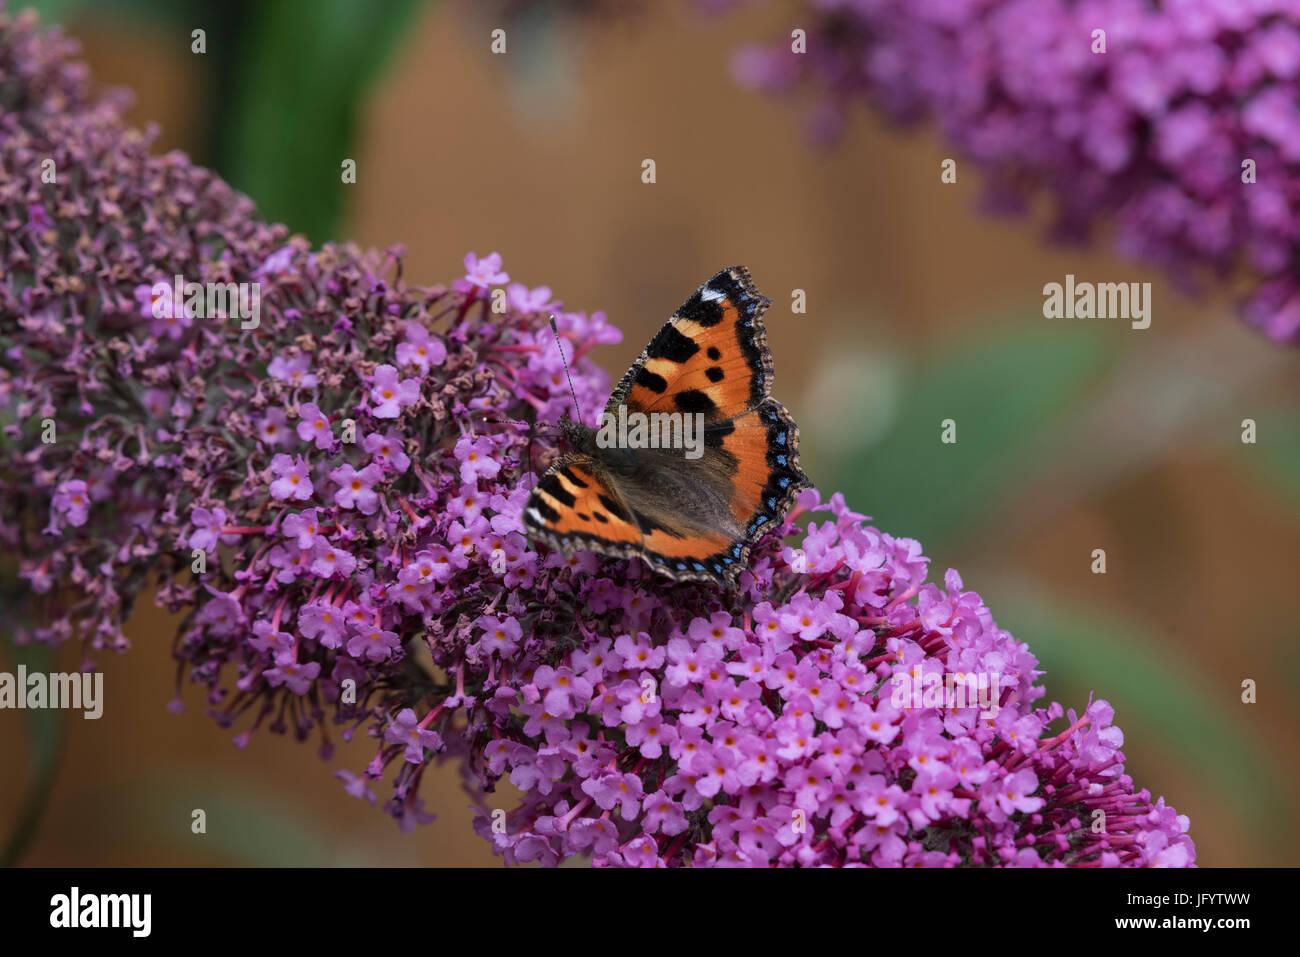 small-tortoiseshell-butterfly-feeding-on-blossom-of-buddleja-bush-JFYTWW.jpg